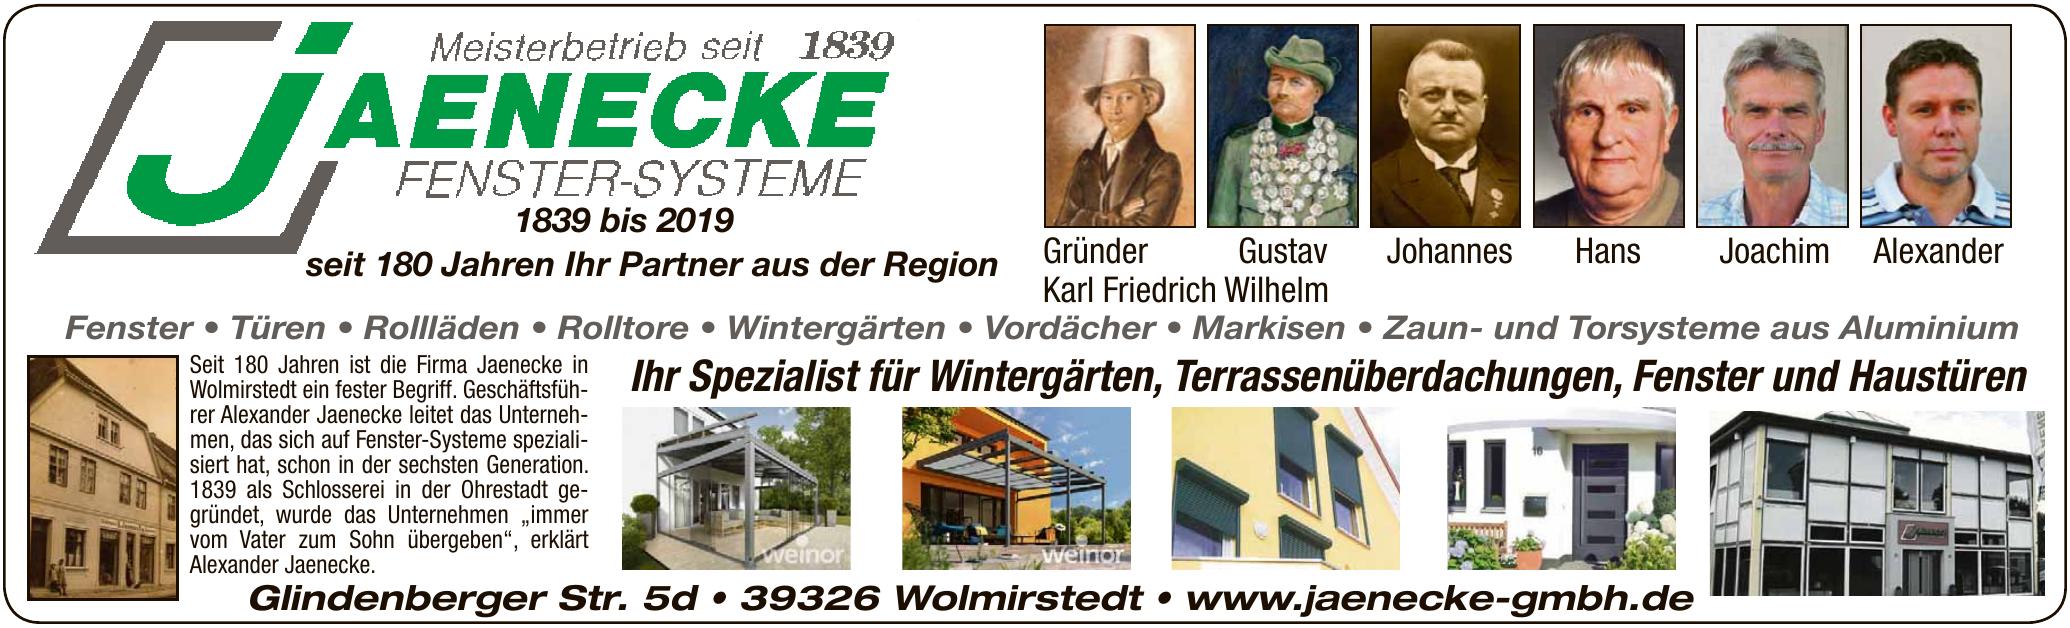 Jaenecke Fenster Systeme GmbH